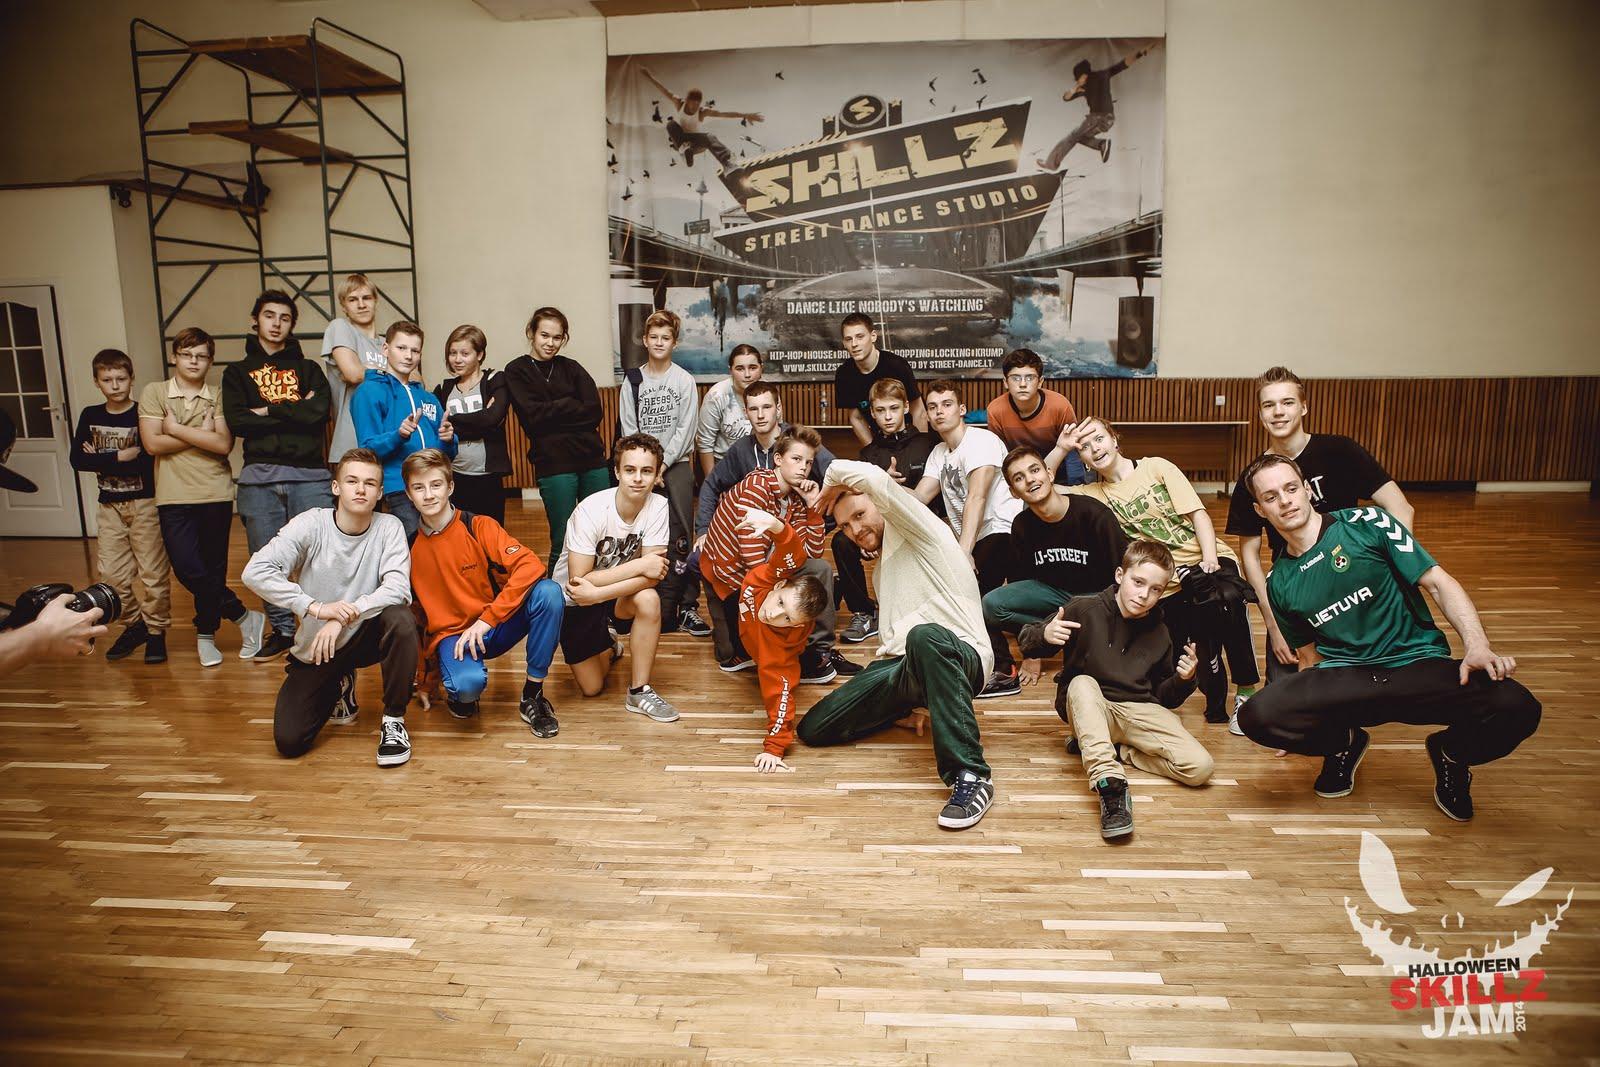 Šokių seminarai su Bouboo, Kaczorex, Tanya, Marek - a_MG_6578.jpg